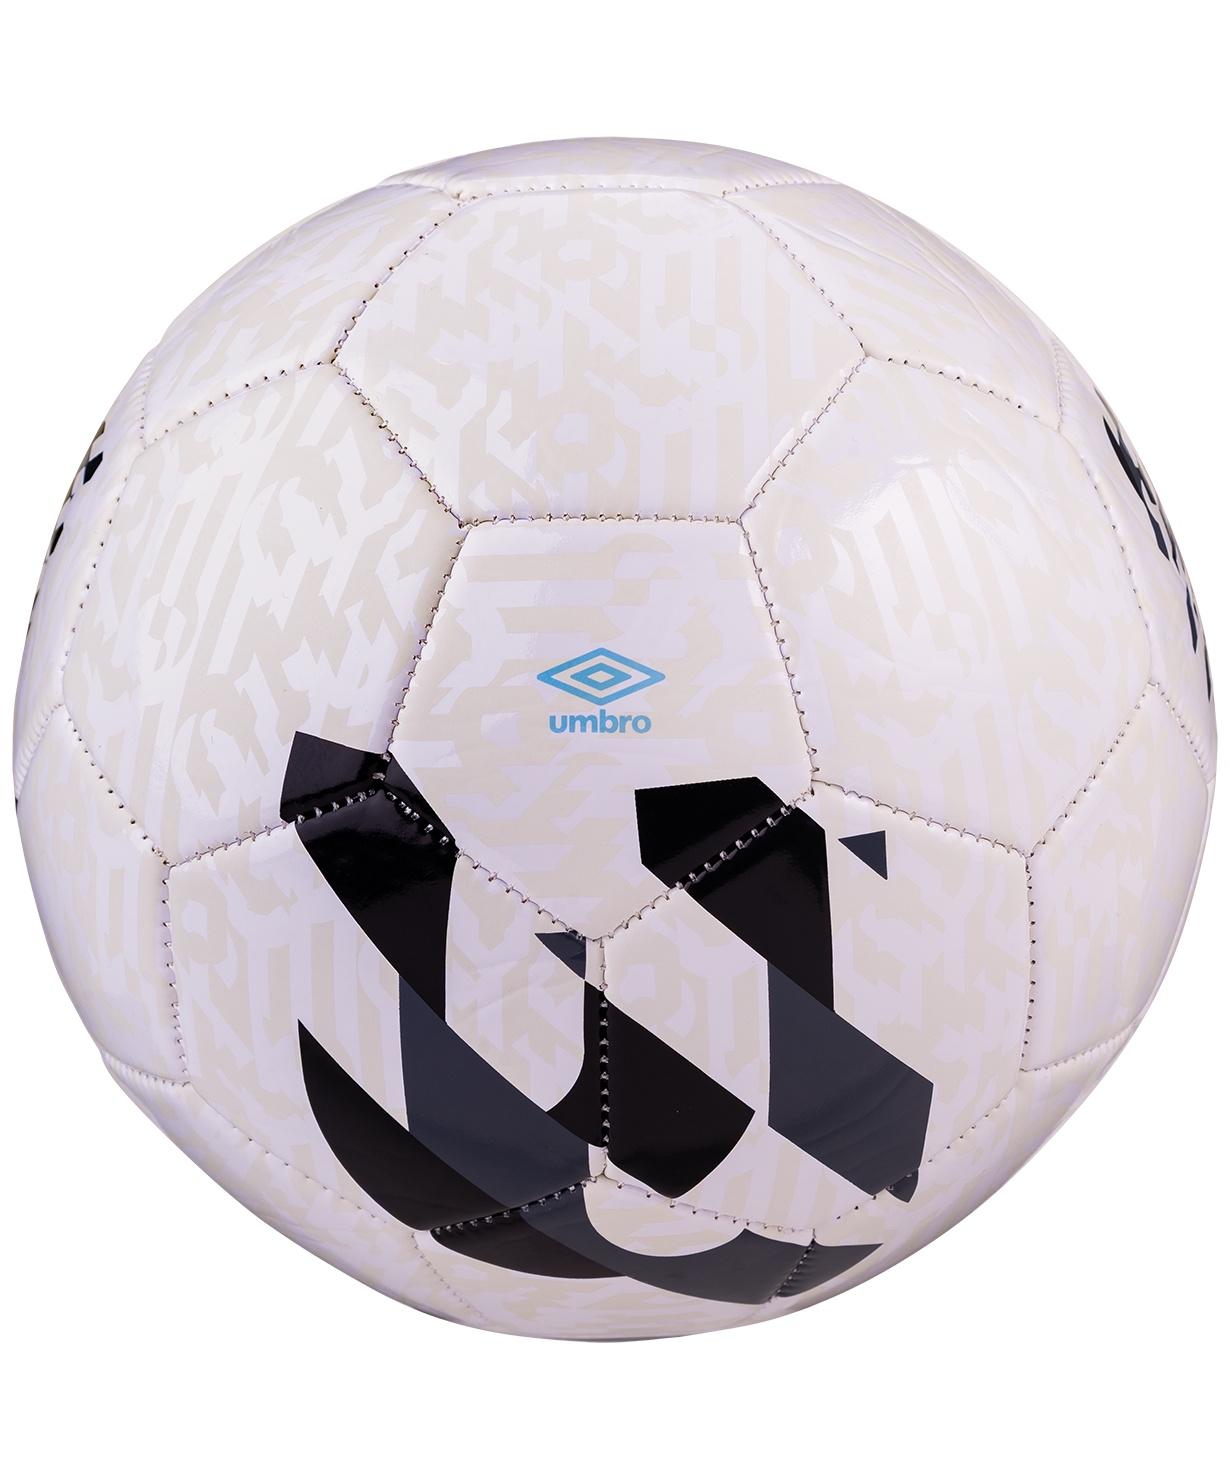 цена Мяч футбольный Umbro Veloce Supporter 20981U, Размер 4, белый/темно-серый/черный/голубой (4) онлайн в 2017 году